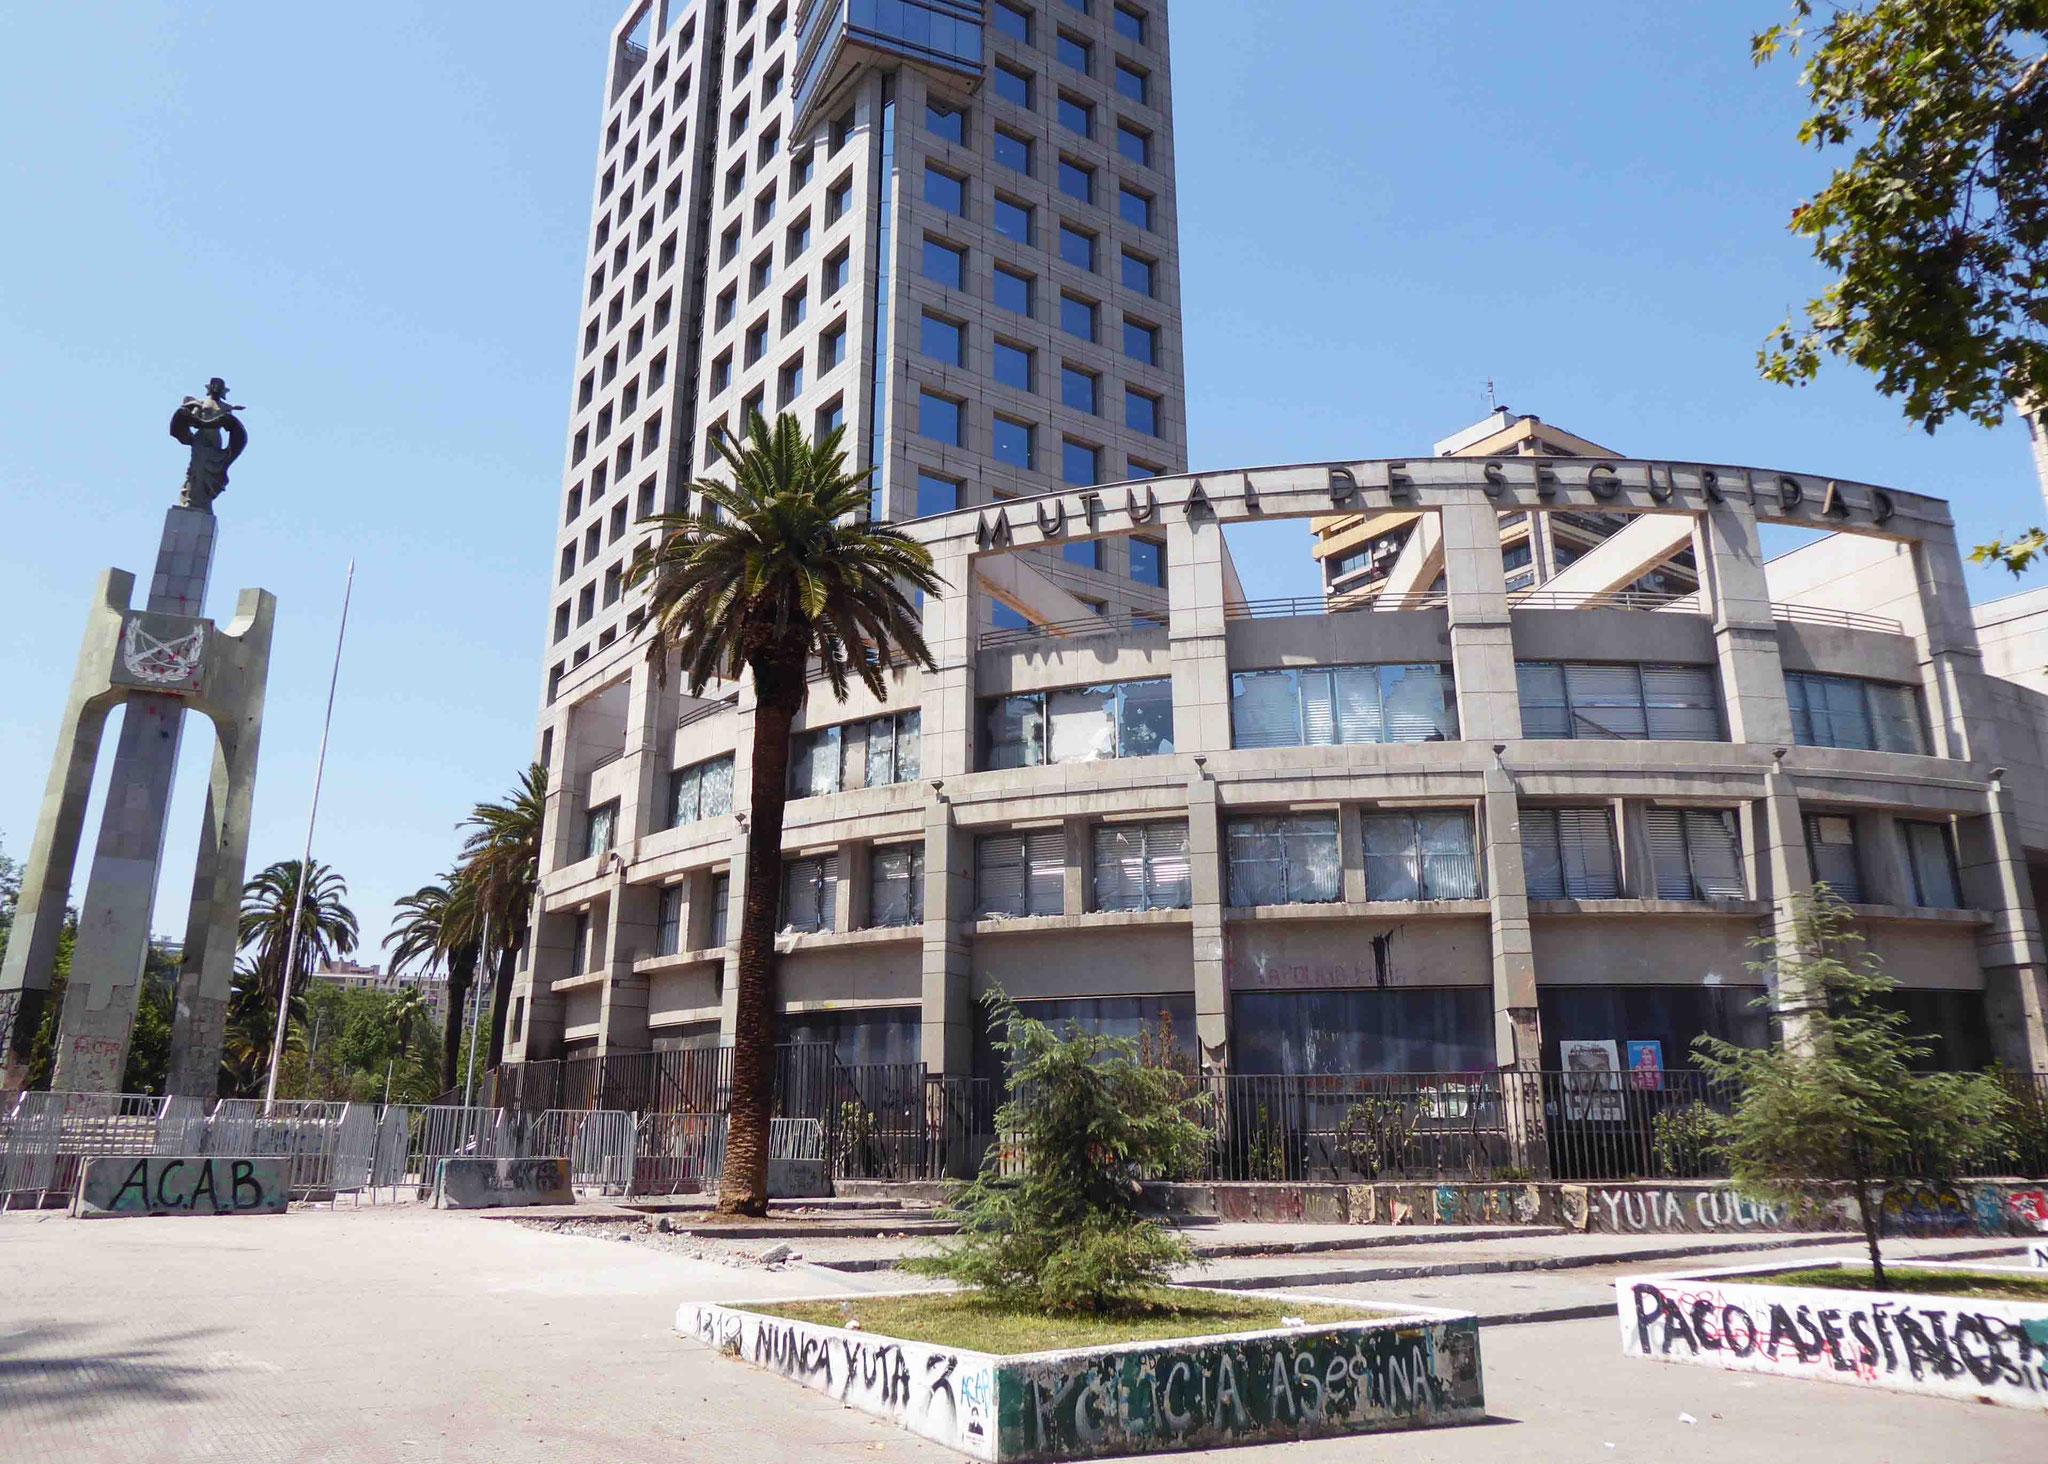 Les bâtiments officiels ont subi de graves dommages...